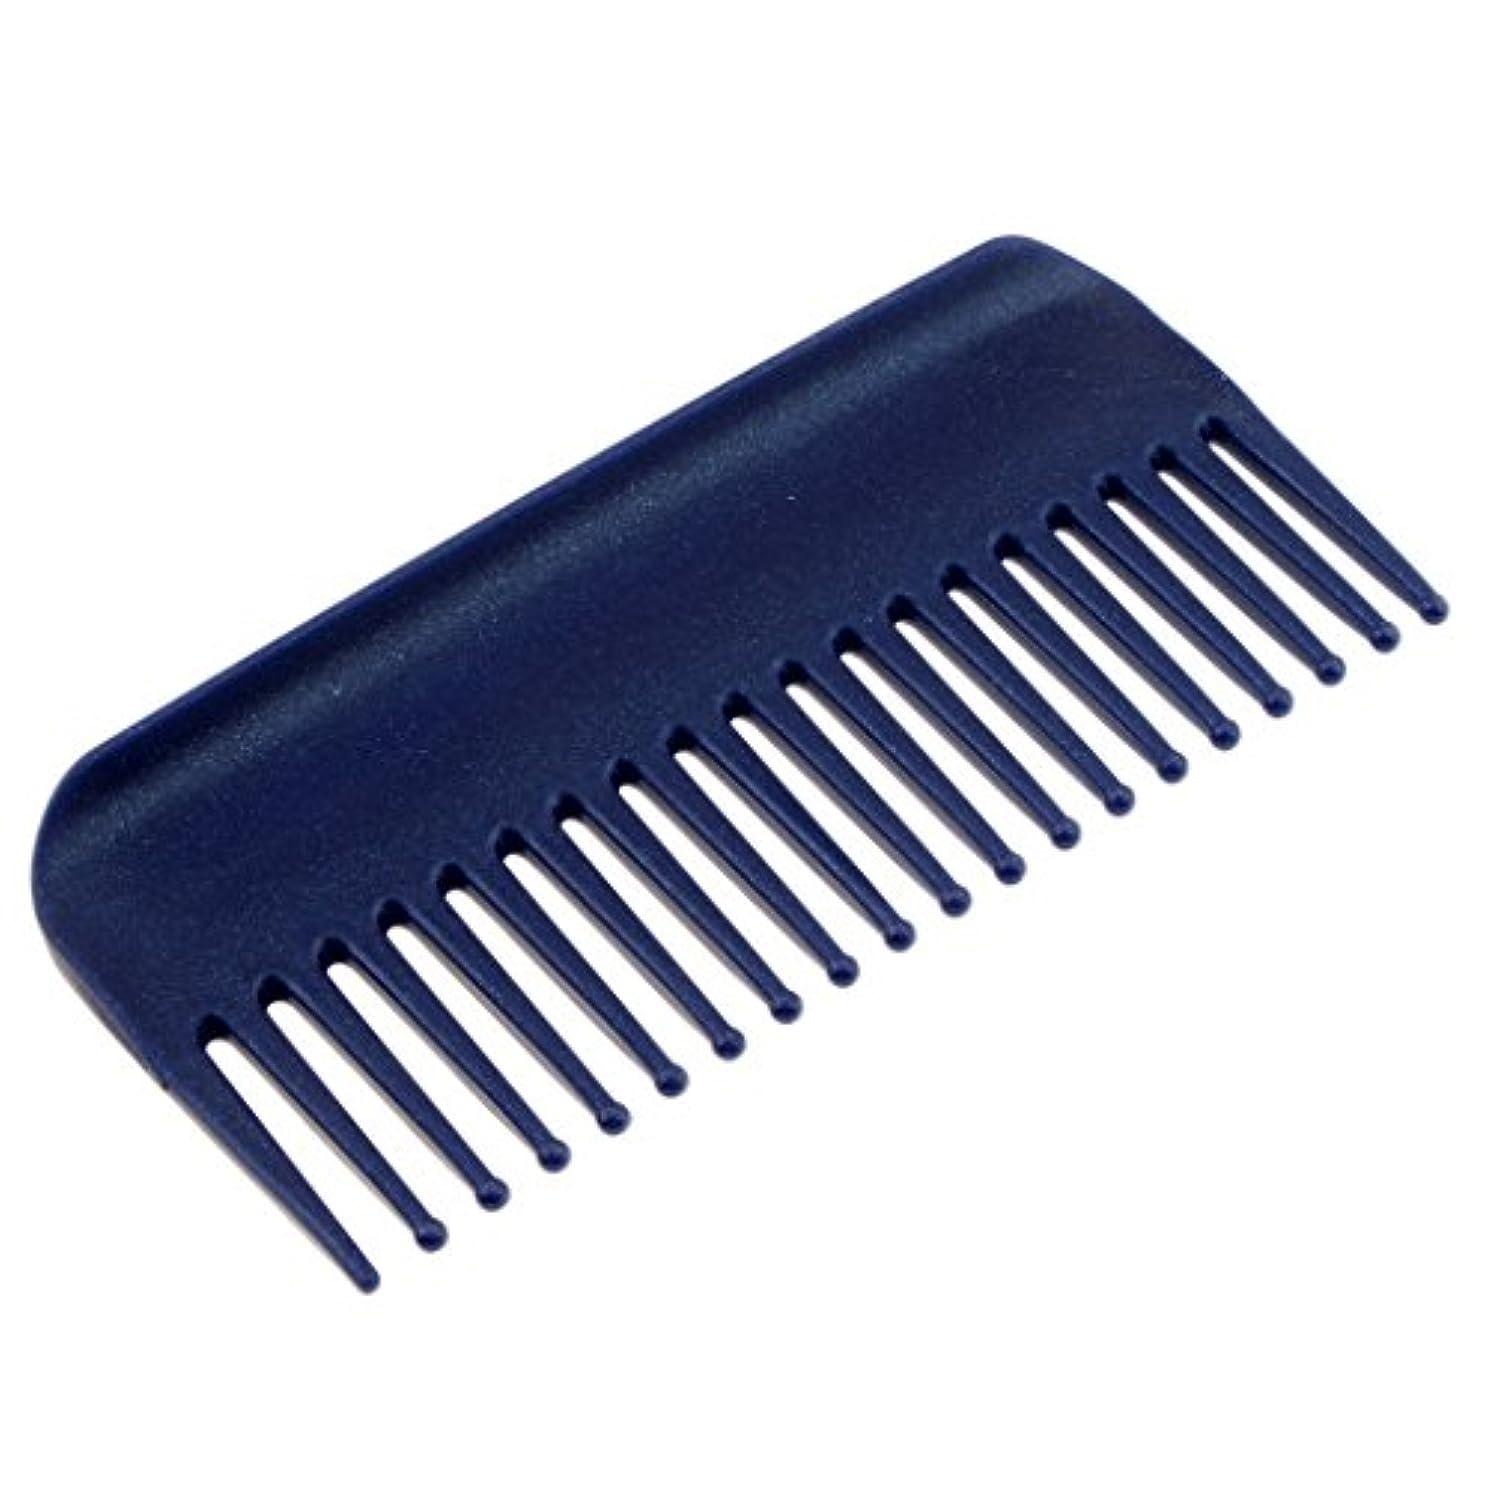 素人アパルもっと少なくHomyl ヘアコーム ヘアブラシ コーム 櫛 くし 頭皮 マッサージ 耐熱性 帯電防止 便利 サロン 自宅用 4色選べる - 青